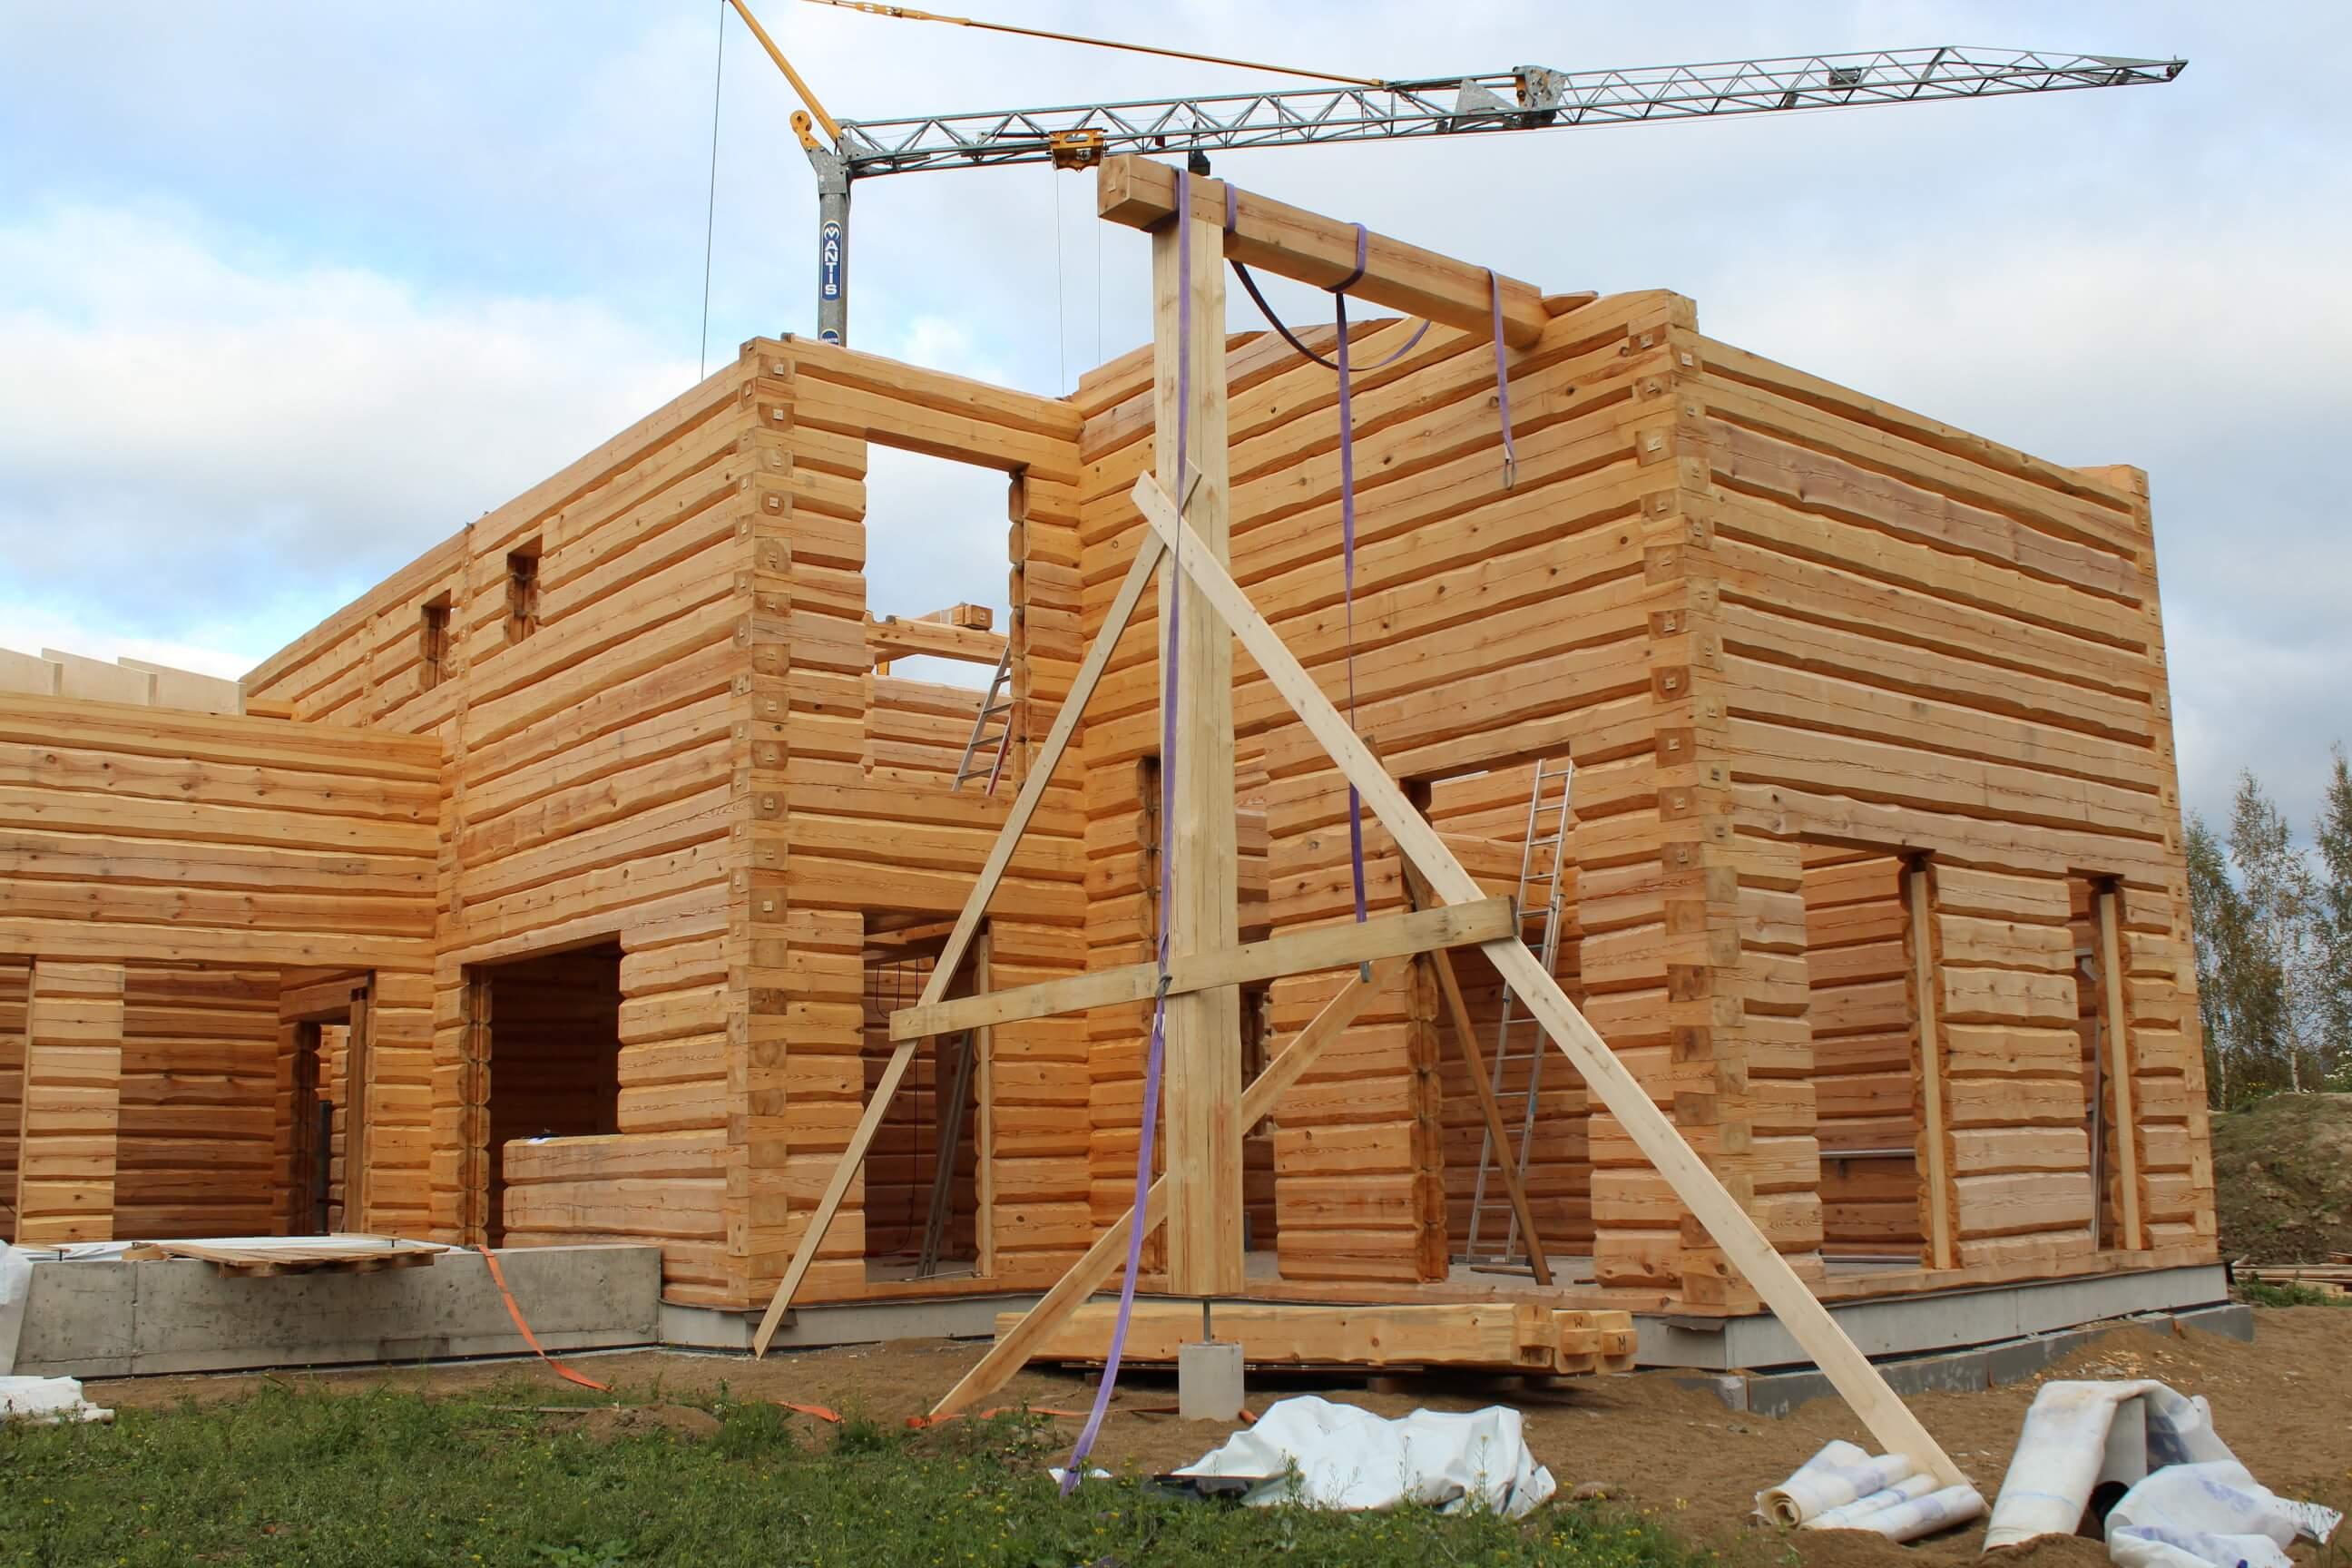 hirsitalon rakentaminen alkaa lopultakin. margus@kasinveistetythirsitalot.eu +372 511 6172